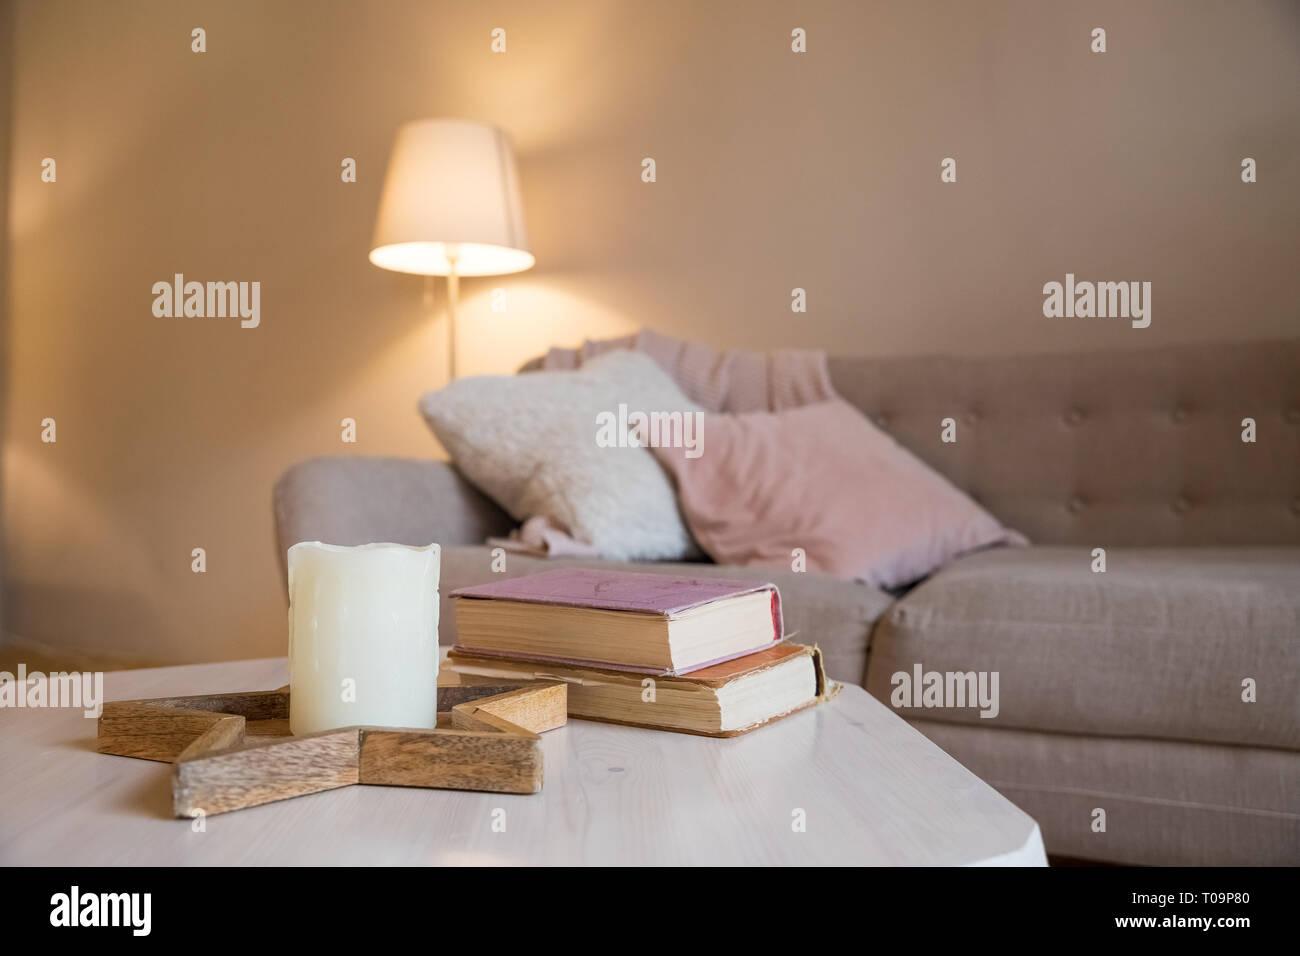 Skandinavischer Innenraum Braun Wand Im Wohnzimmer Gemutliches Zimmer Das Zimmer Ist Komfortabel Rosa Und Grau Kissen Auf Dem Sofa Lampe Bucher Und Eine Kerze Auf Dem Tisch Platz Kopieren Stockfotografie Alamy